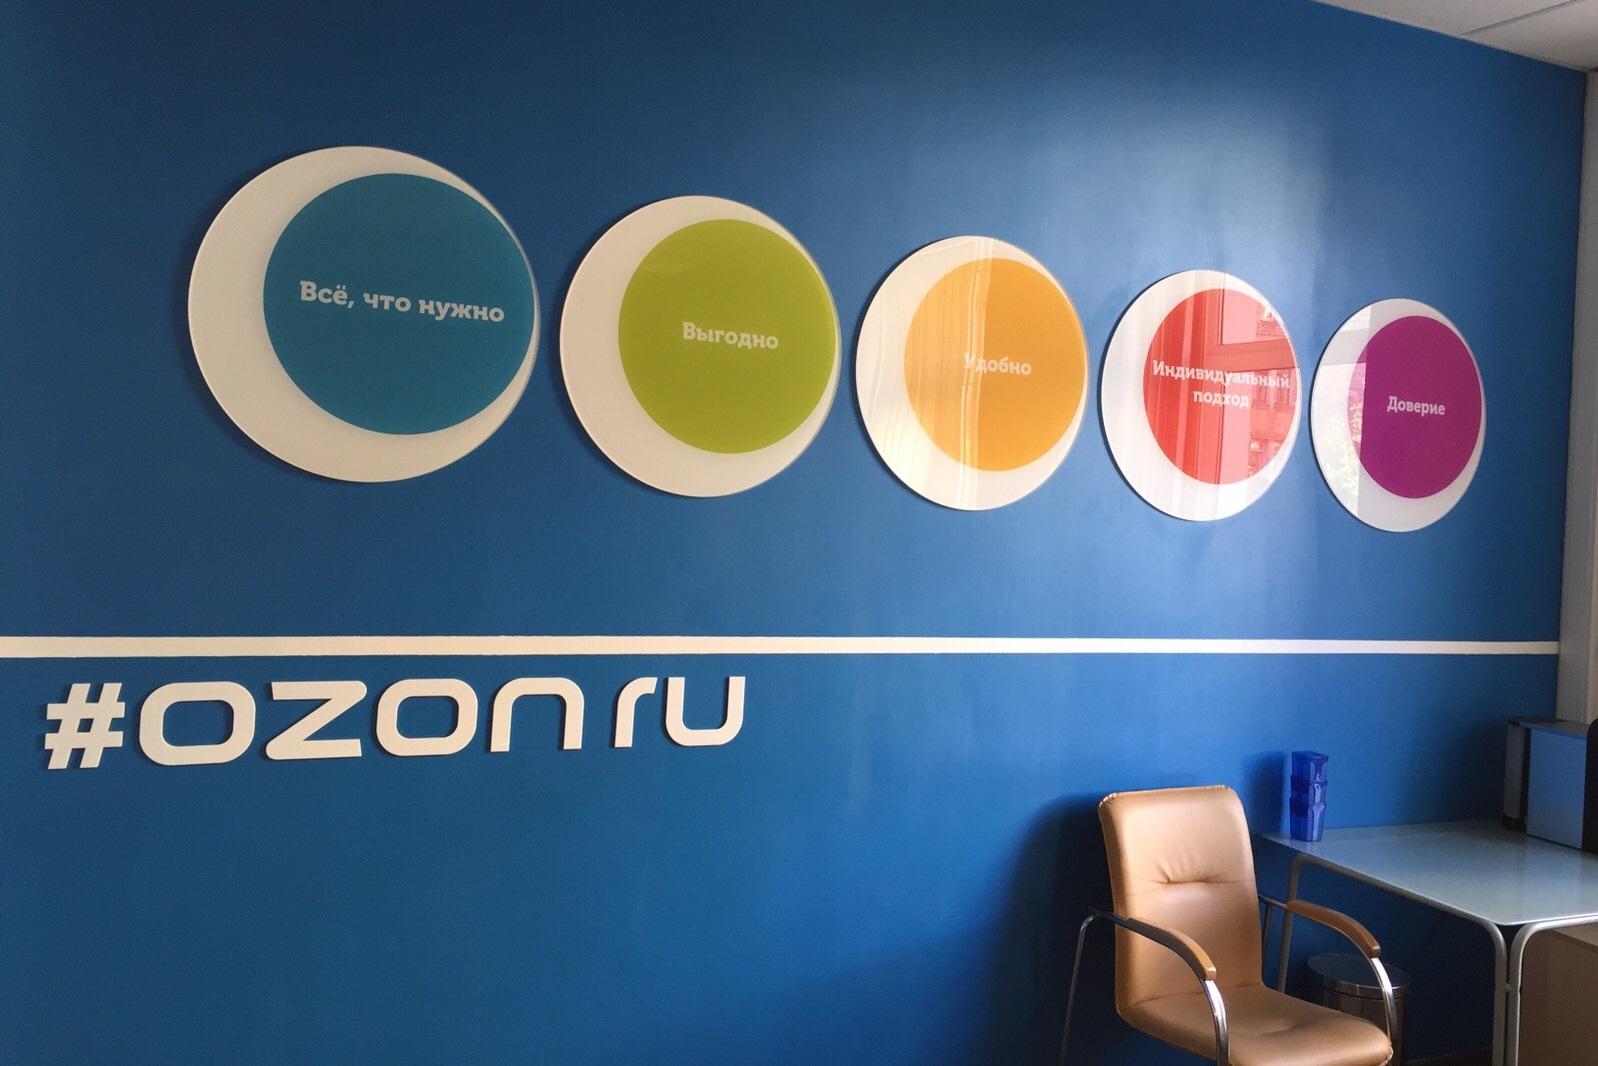 Магазин Озон – что это?